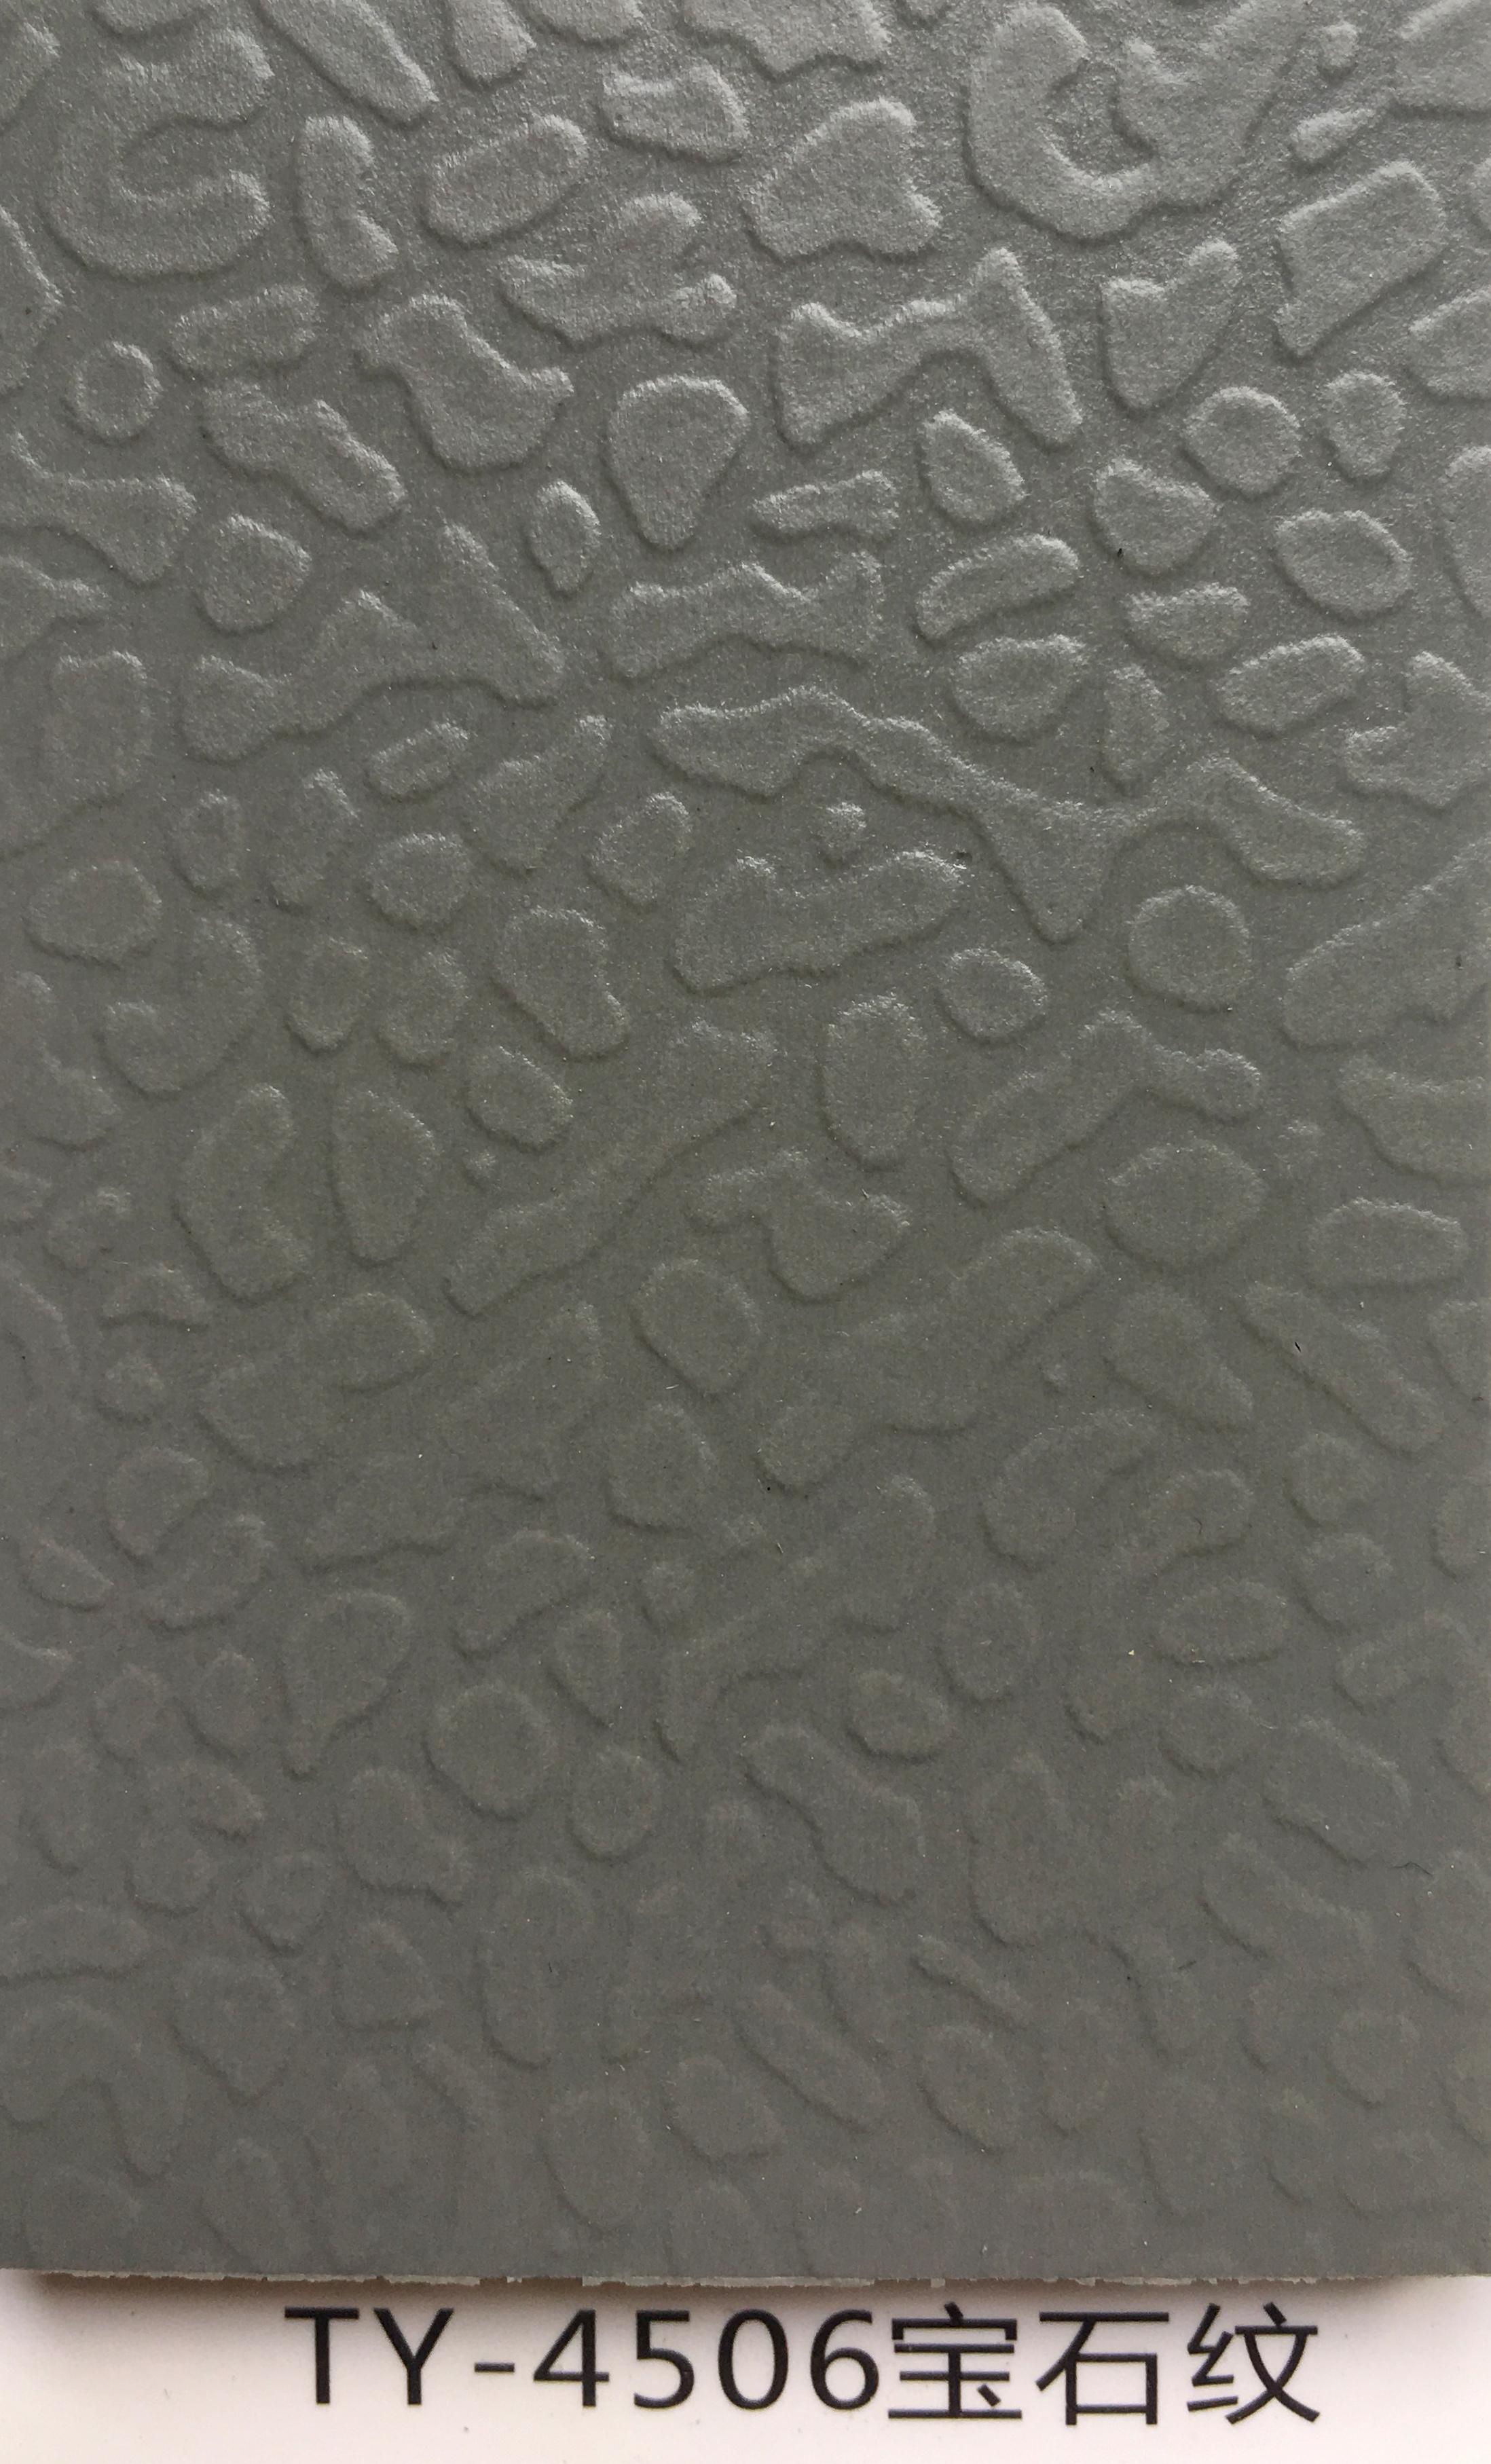 TY-4506宝石纹